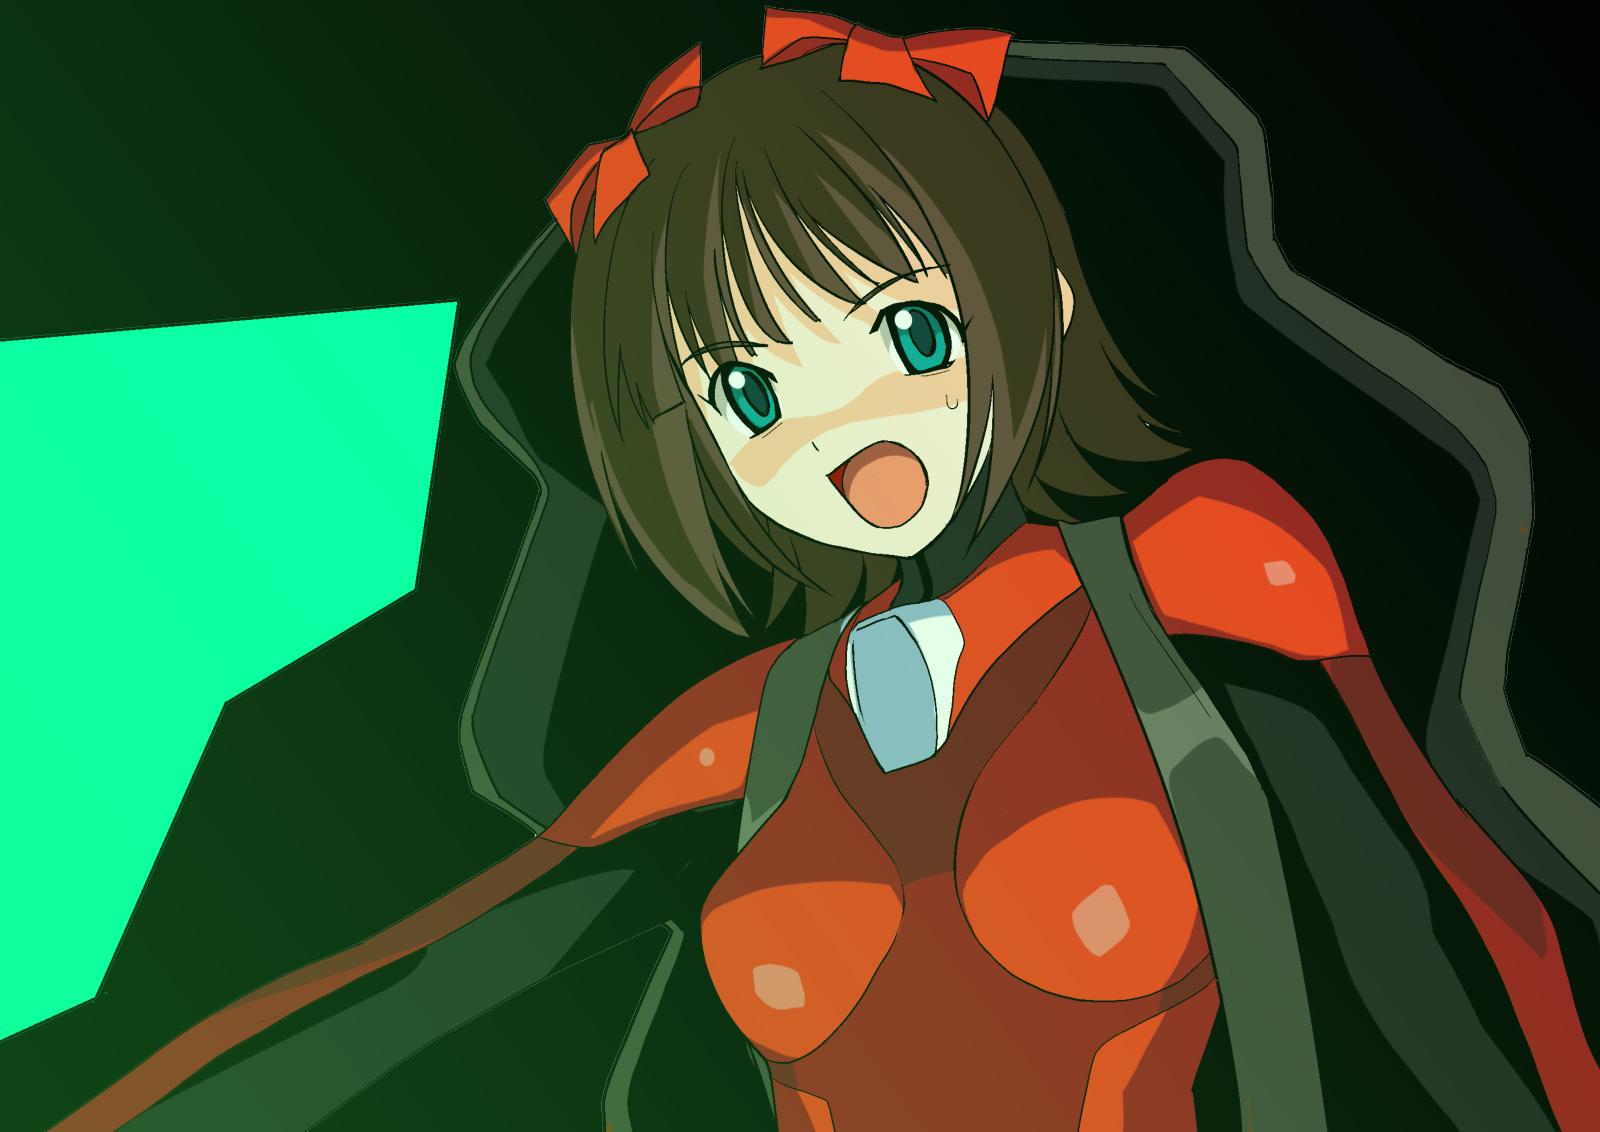 amami_haruka cosplay idolmaster initial-g neon_genesis_evangelion